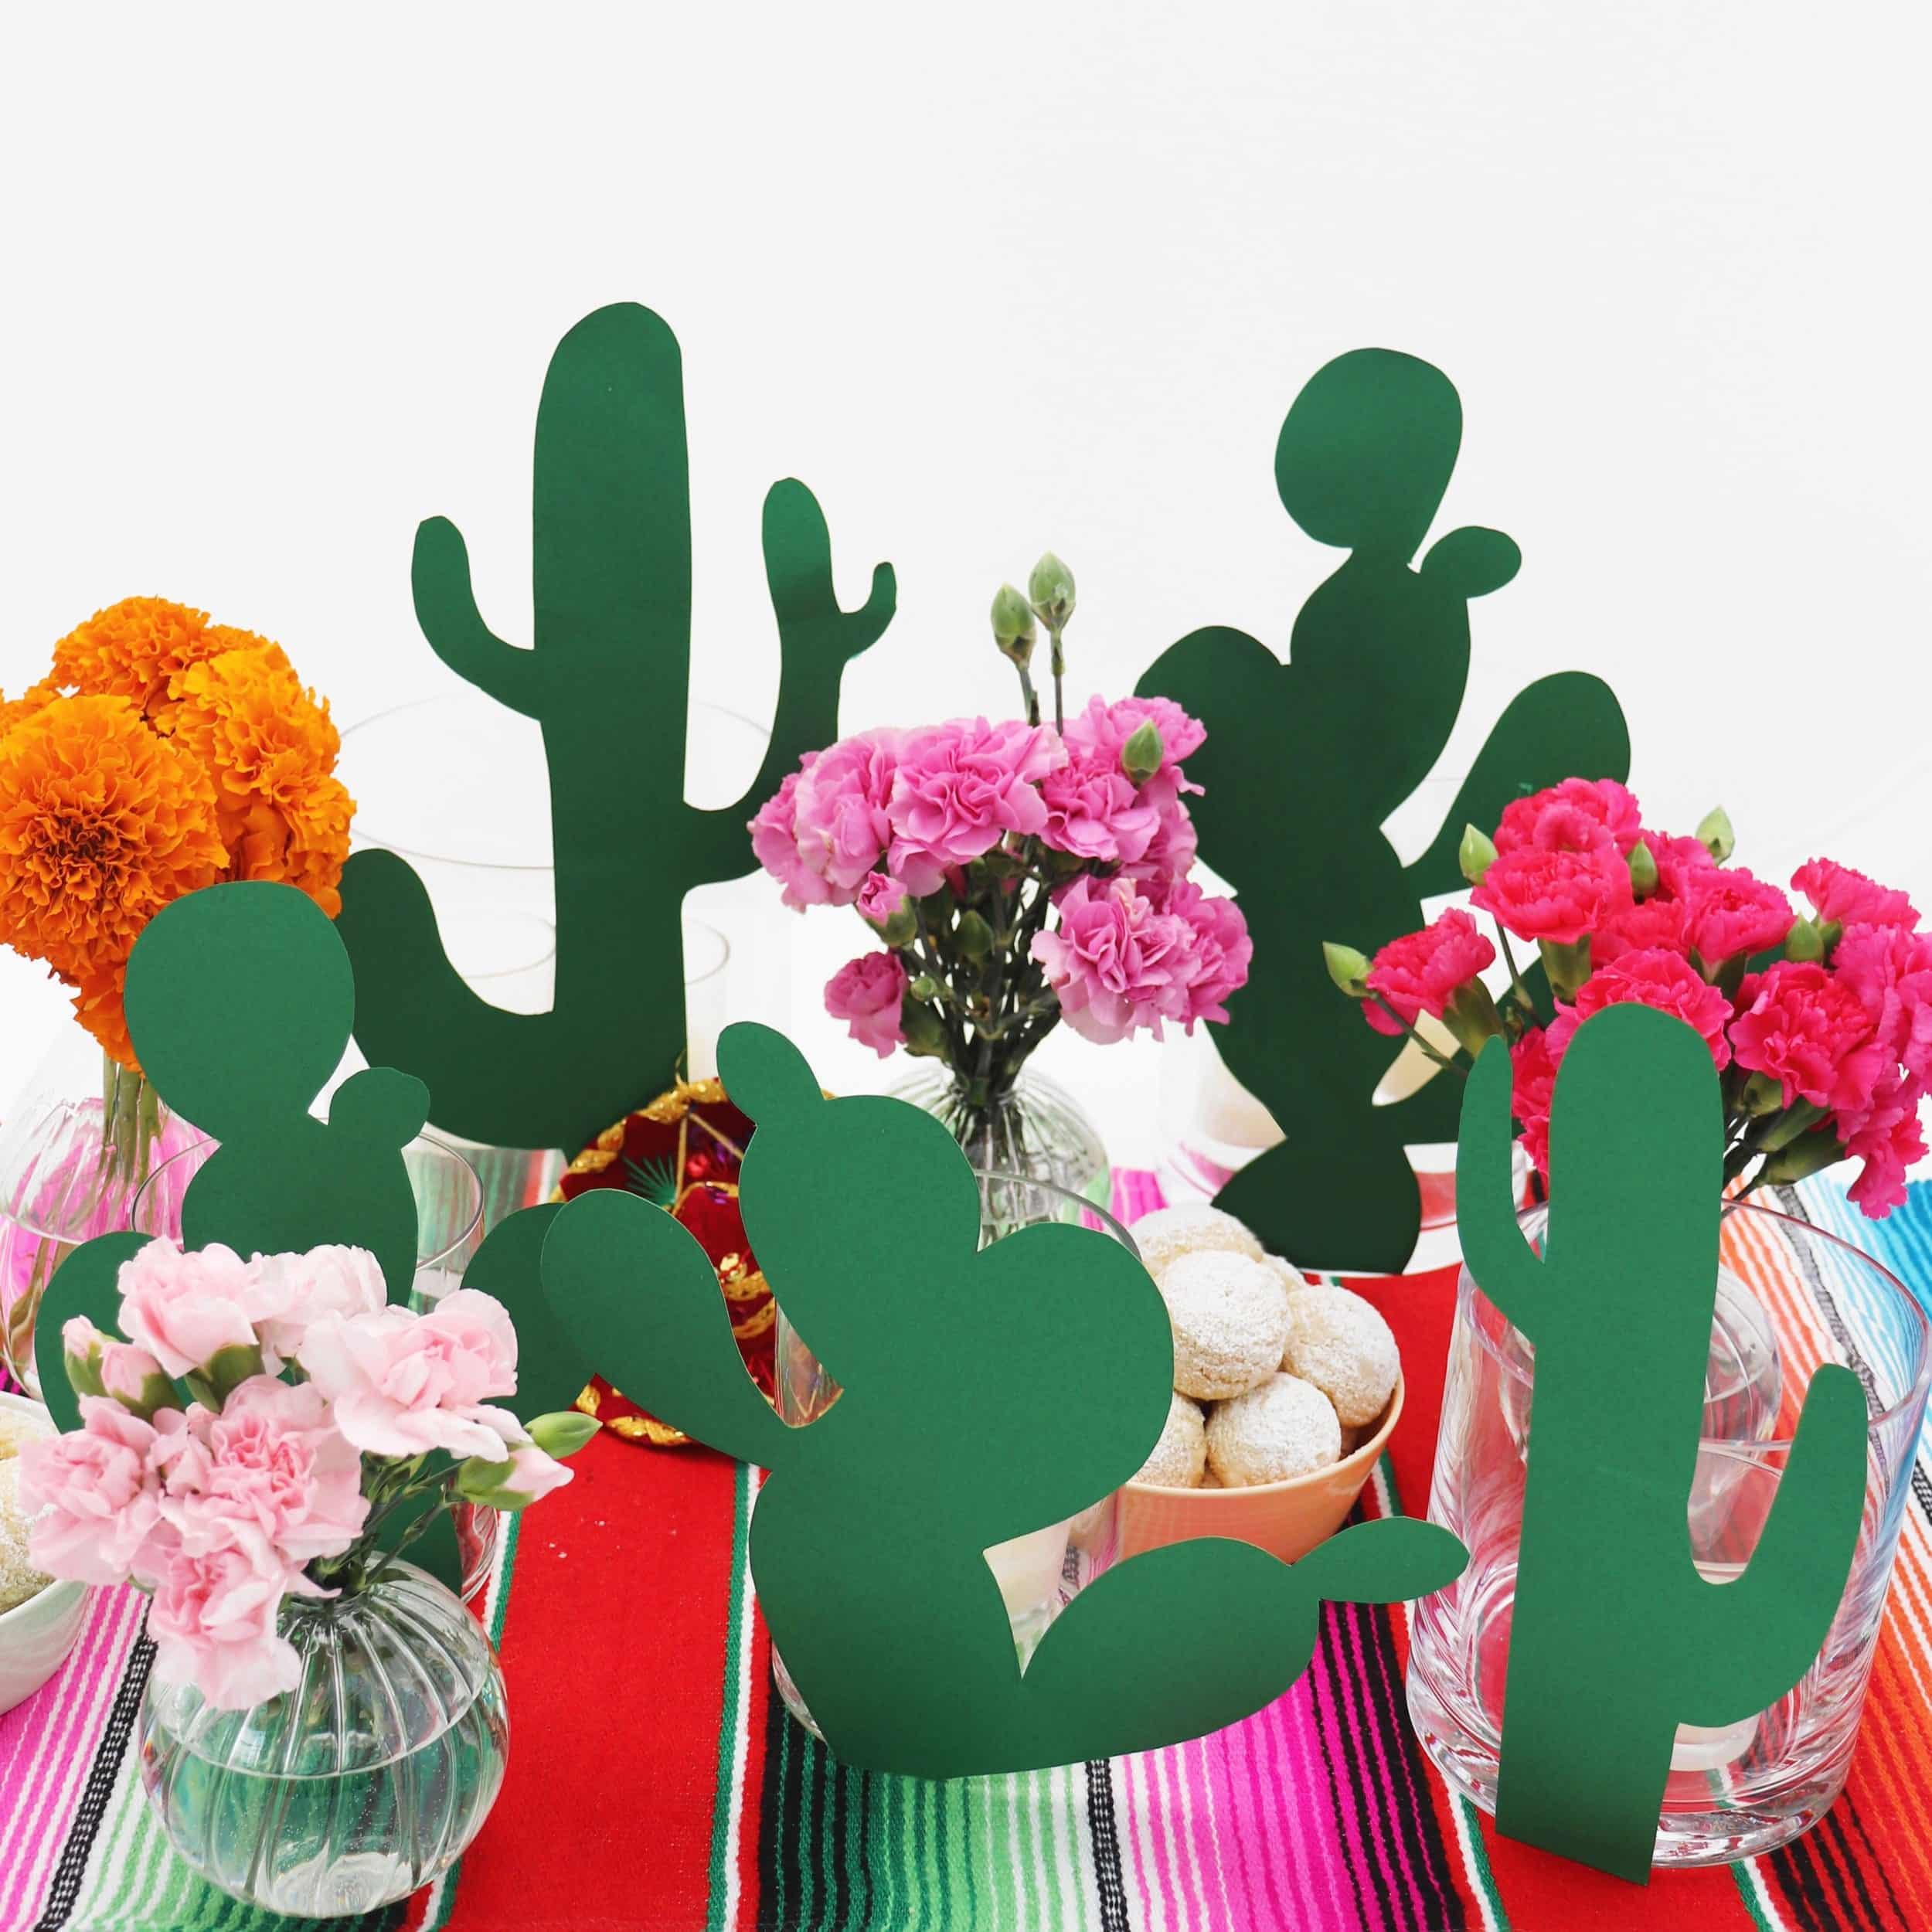 Darcy Miller Designs, Darcy Miller, Celebrate Everything, Fiesta, Crafts, Cacti, Centerpiece